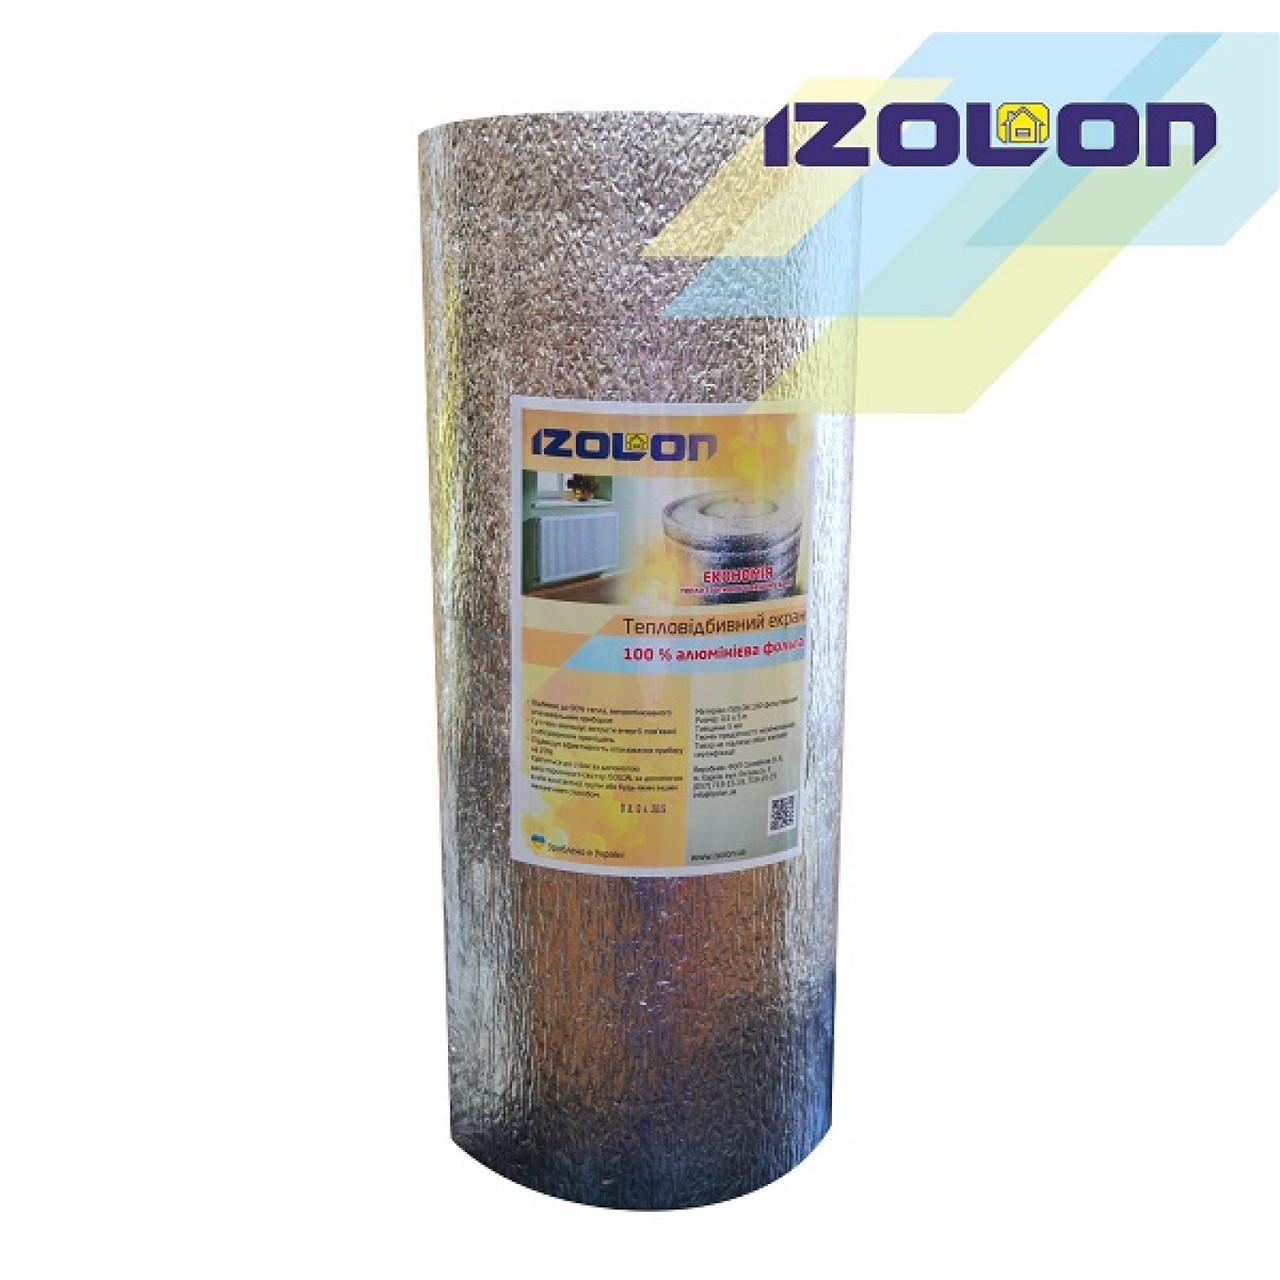 Экран за радиатор IZOLON AIR 5 мм фольгированый теплоотражающий, размер 45 см * 5 метров